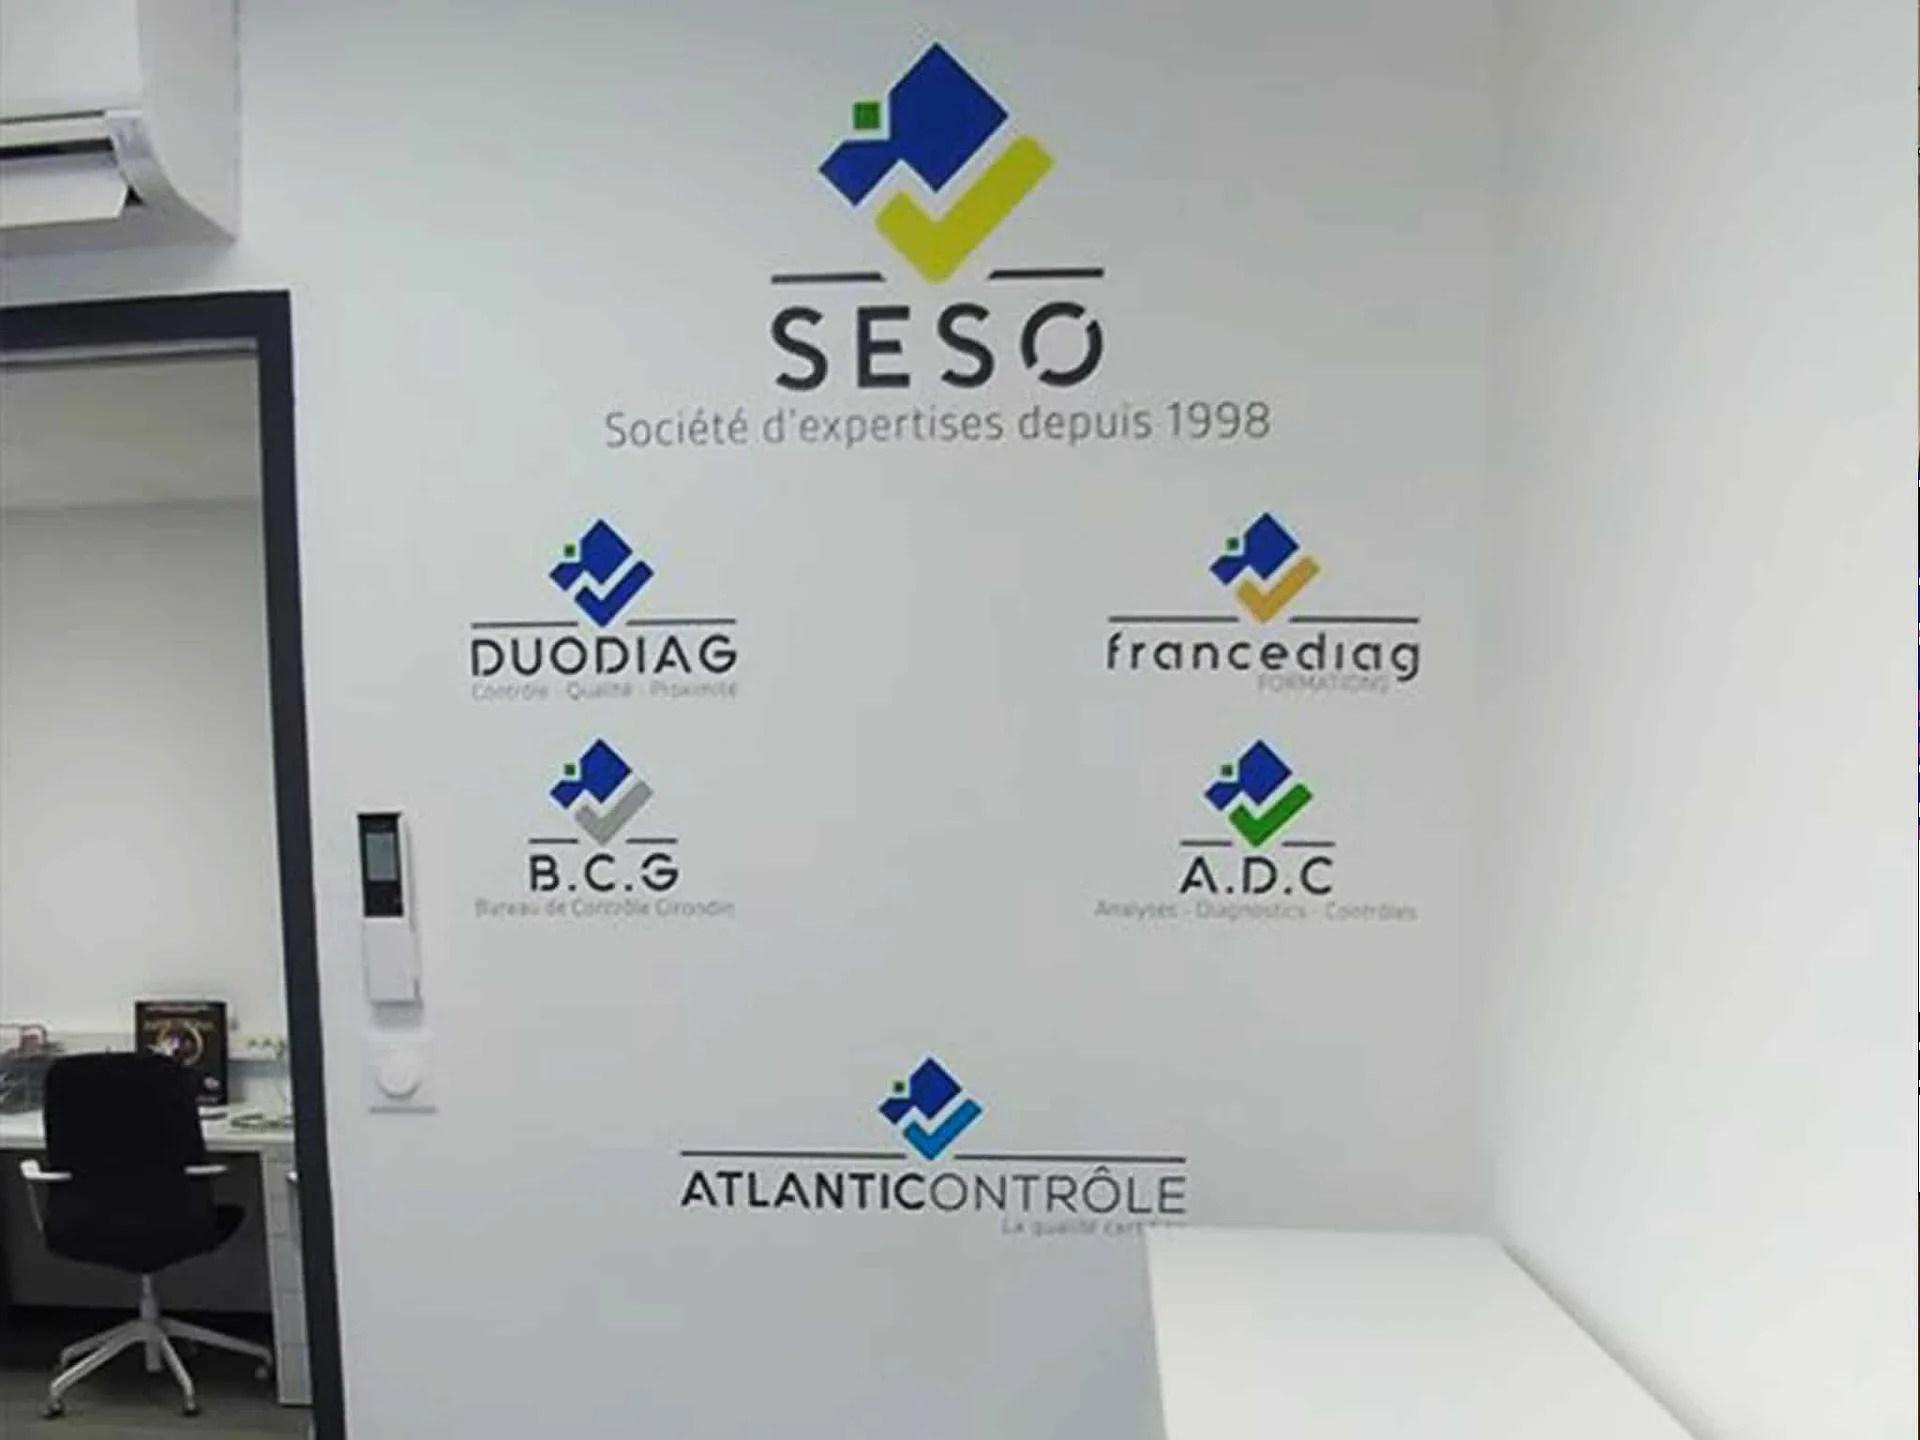 Décoration interieure - vinyle sur mur Seso par agence graphics